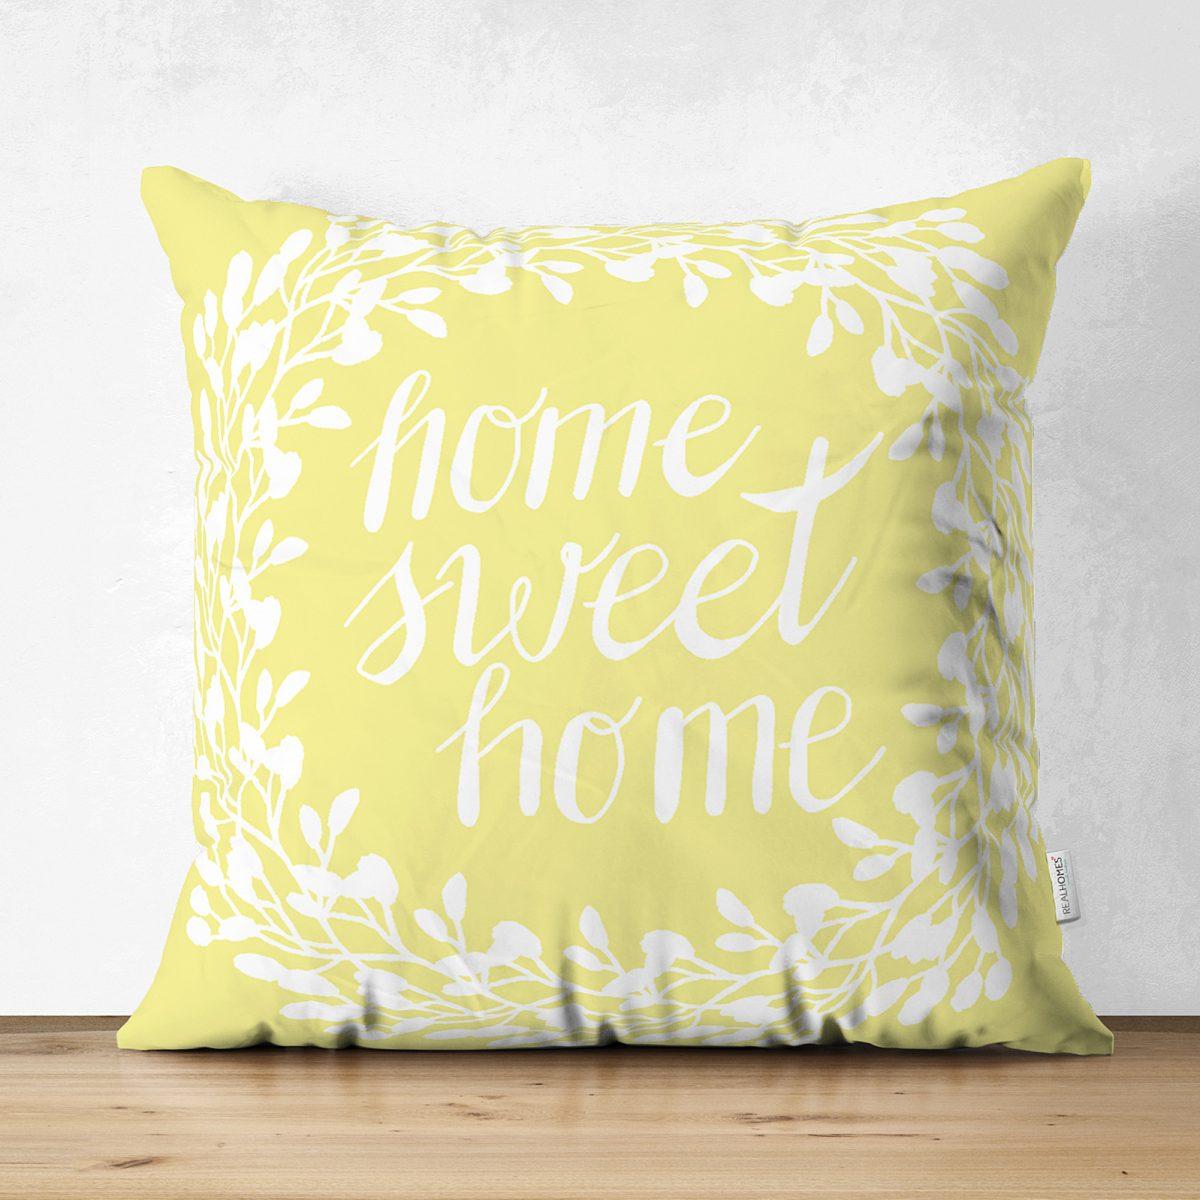 Home Sweet Home Dijital Baskılı Çift Taraflı Dekoratif Süet Yastık Kırlent Kılıfı Realhomes